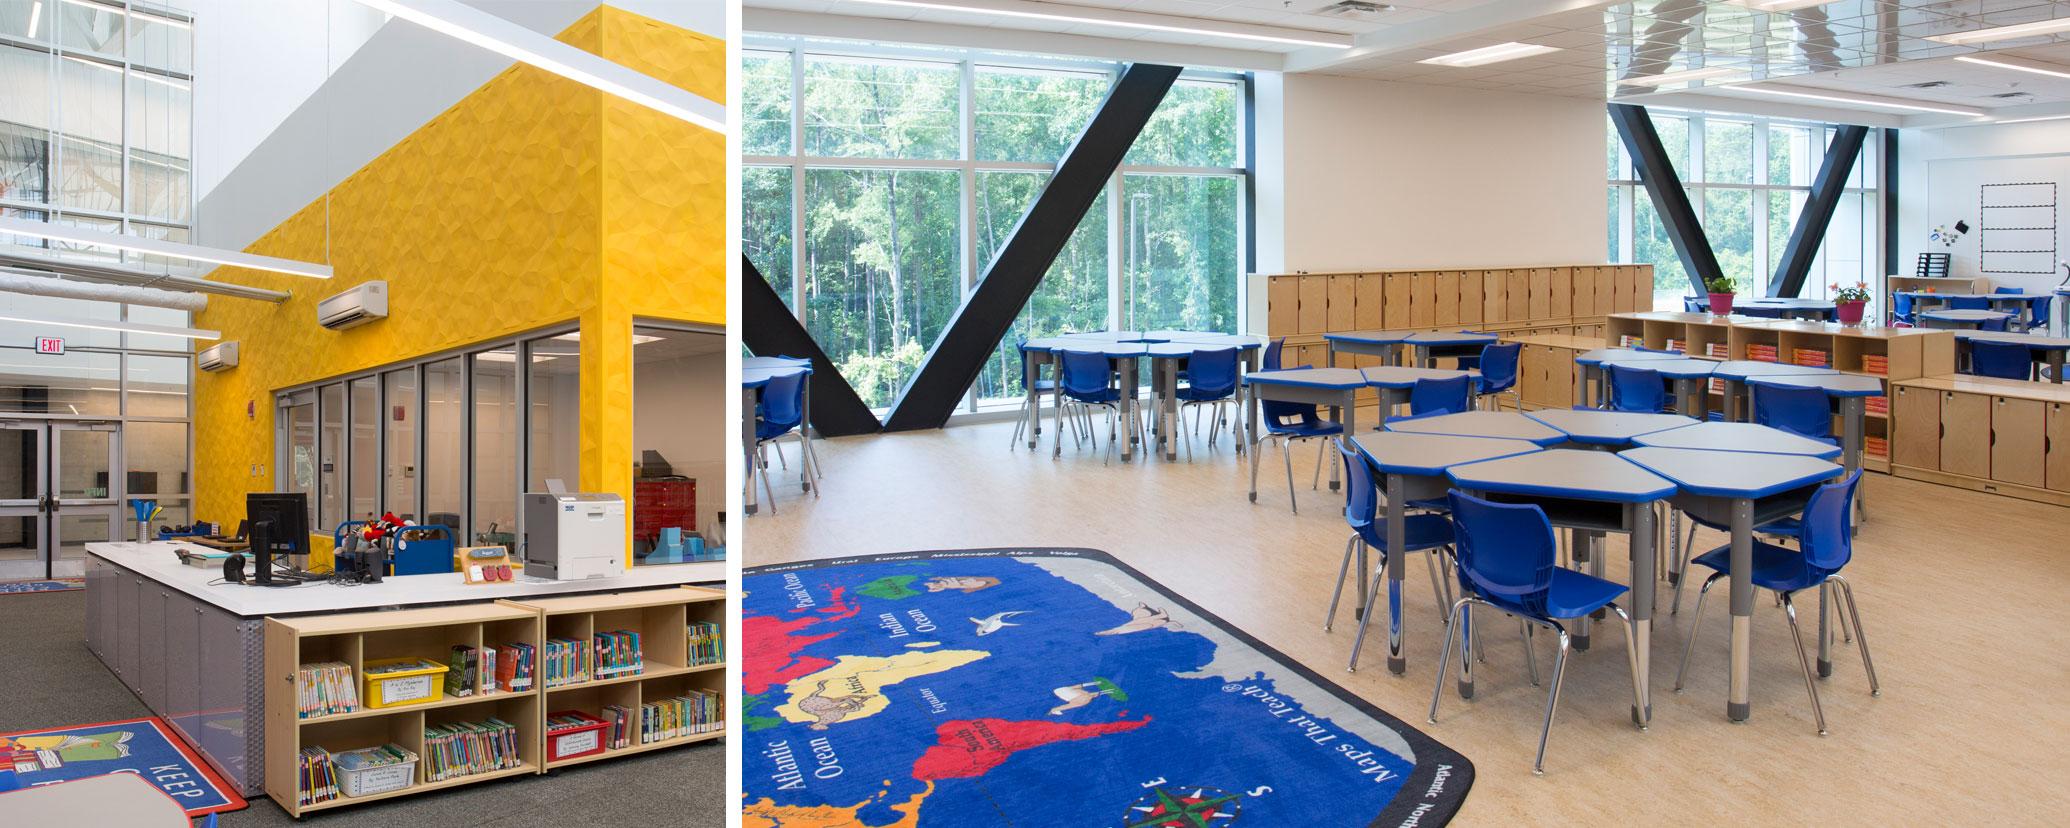 McBride Elementary School Fort Benning GA Caddell